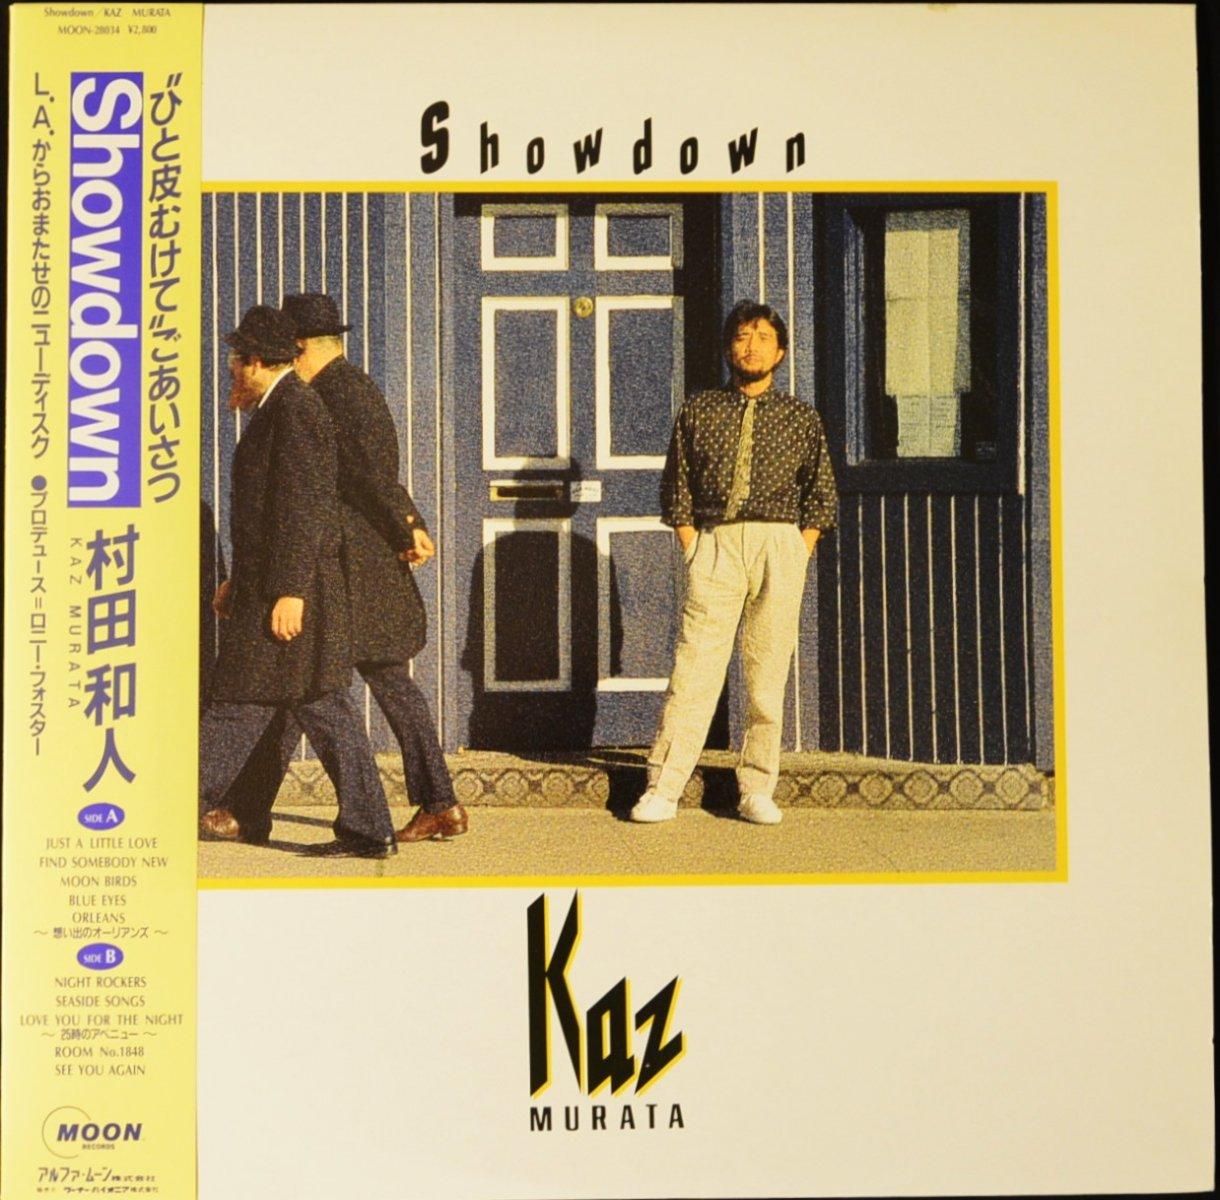 村田和人 KAZUHITO MURATA / SHOWDOWN (LP)